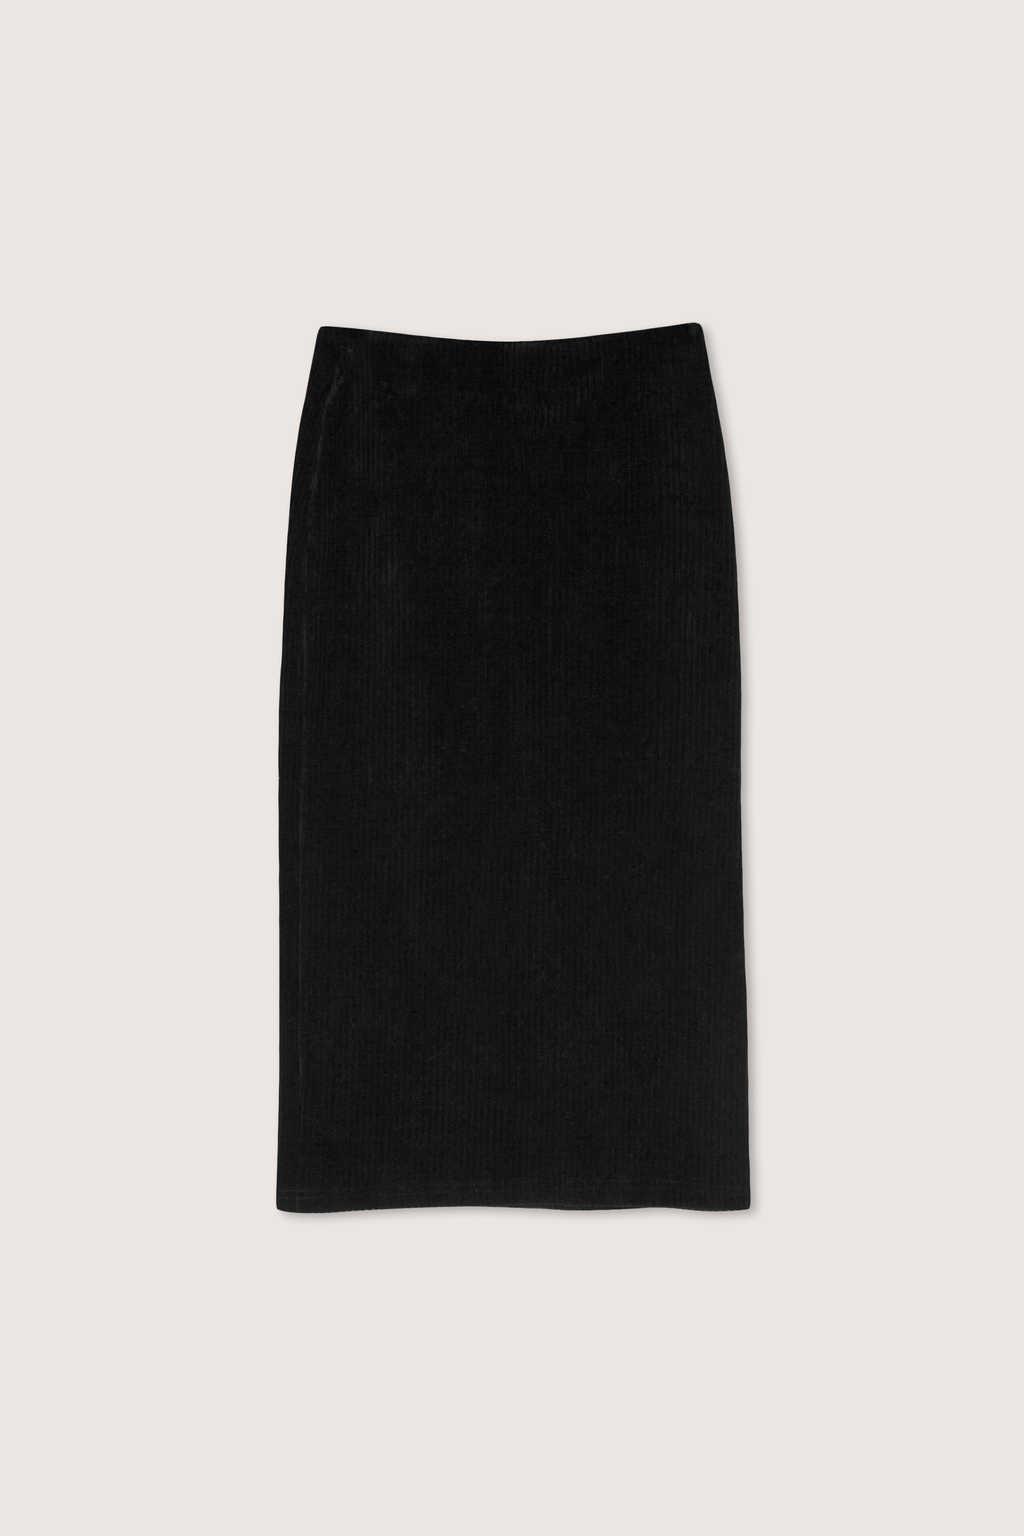 Skirt H165 Black 7